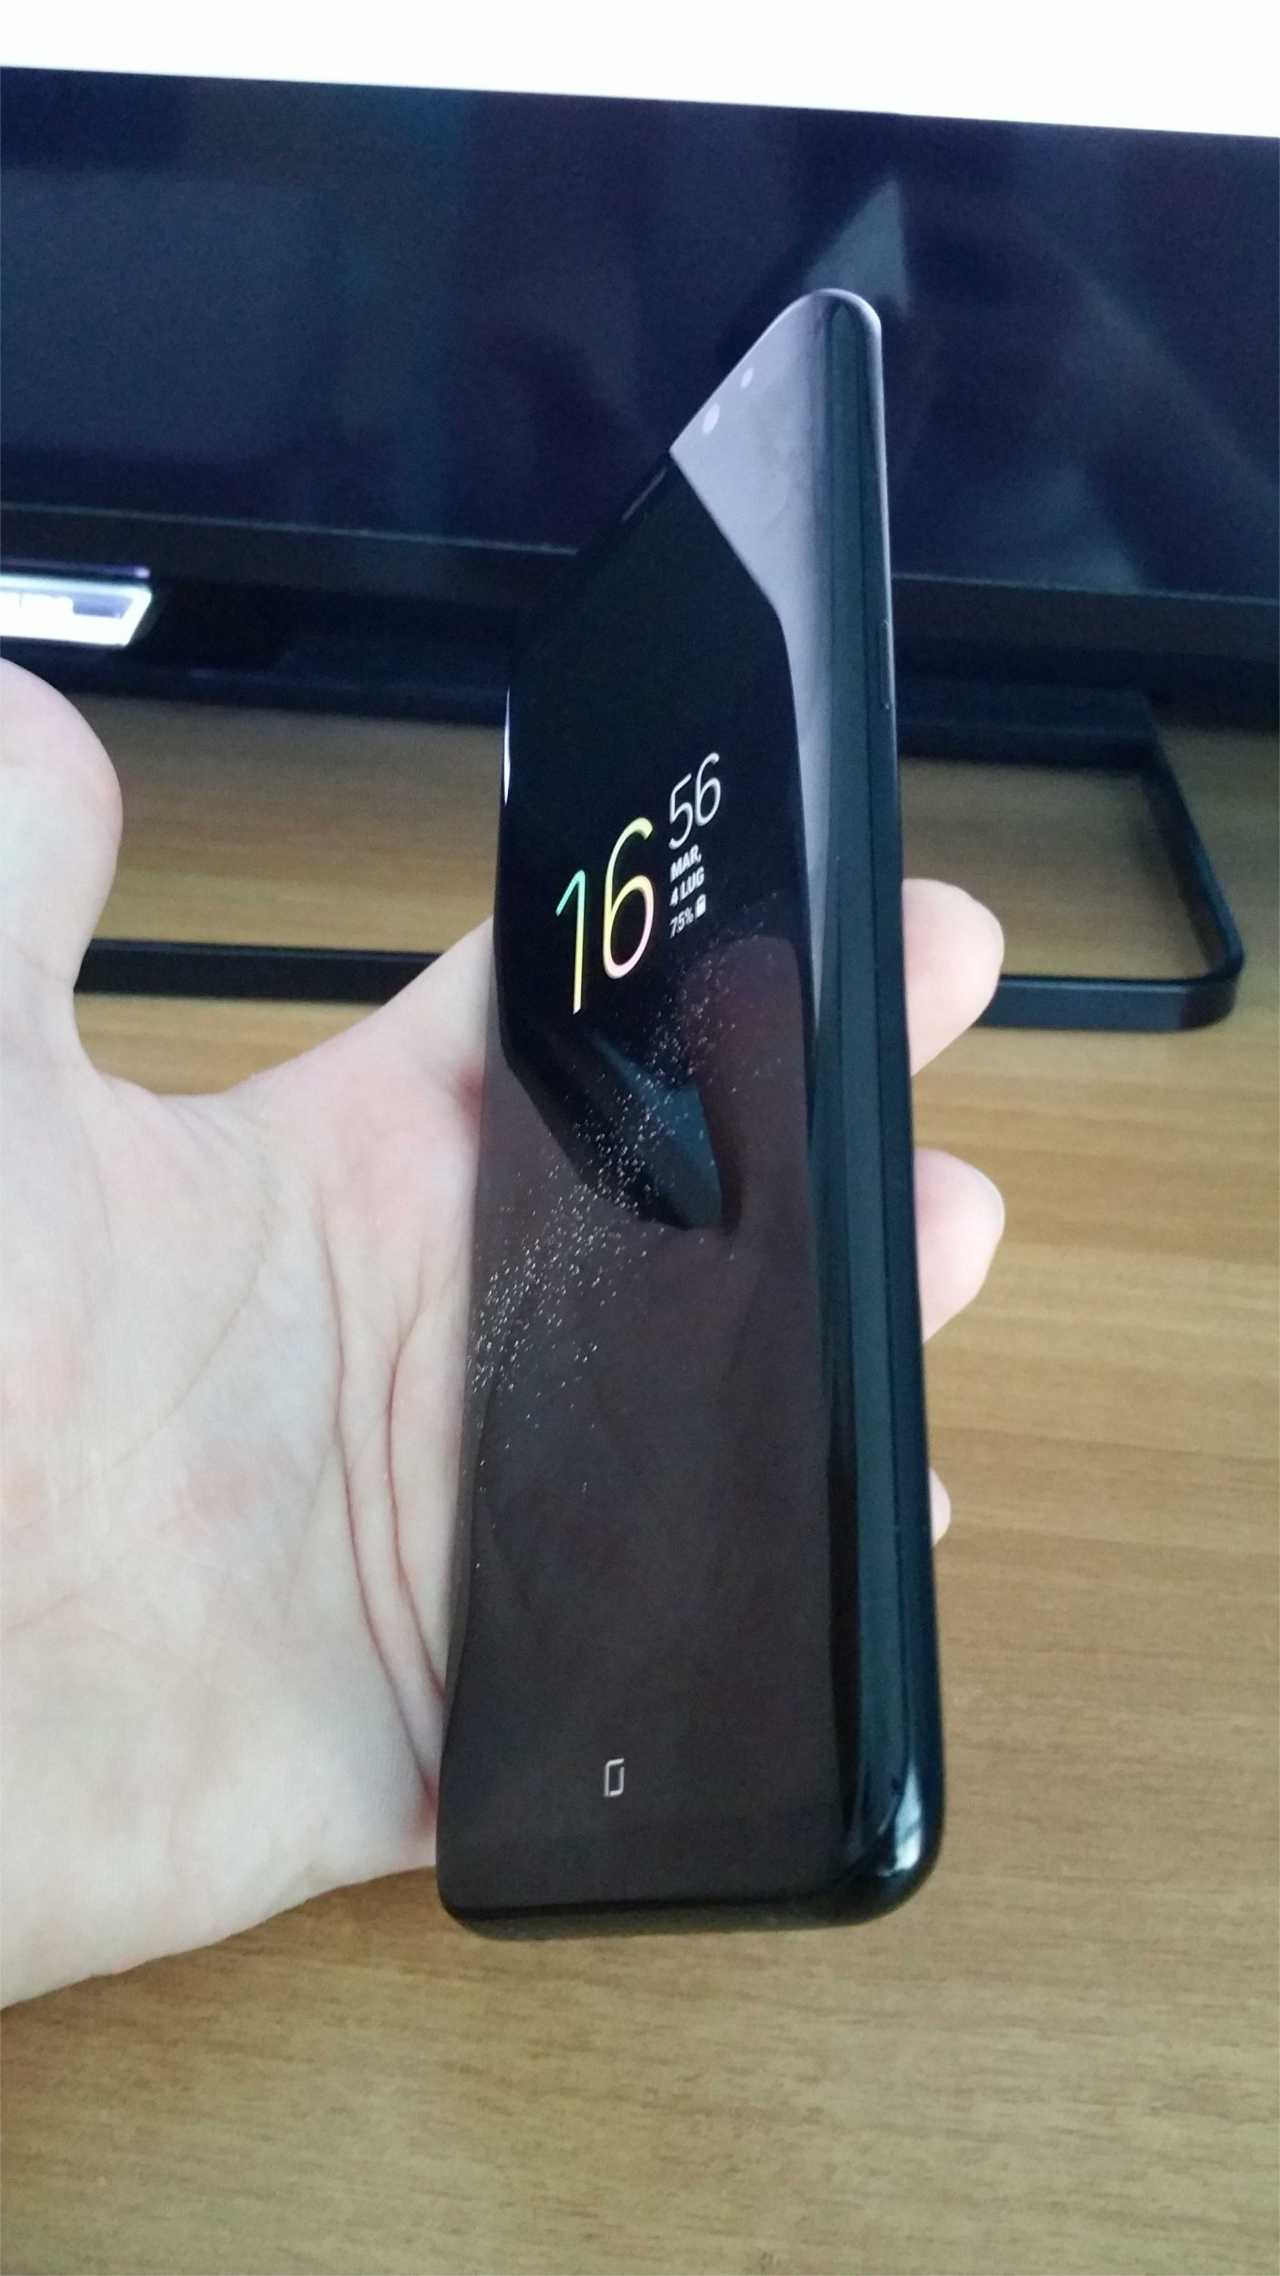 Samsung Galaxy S8, S8 Plus e Note 8 si preparano a ricevere Android Pie